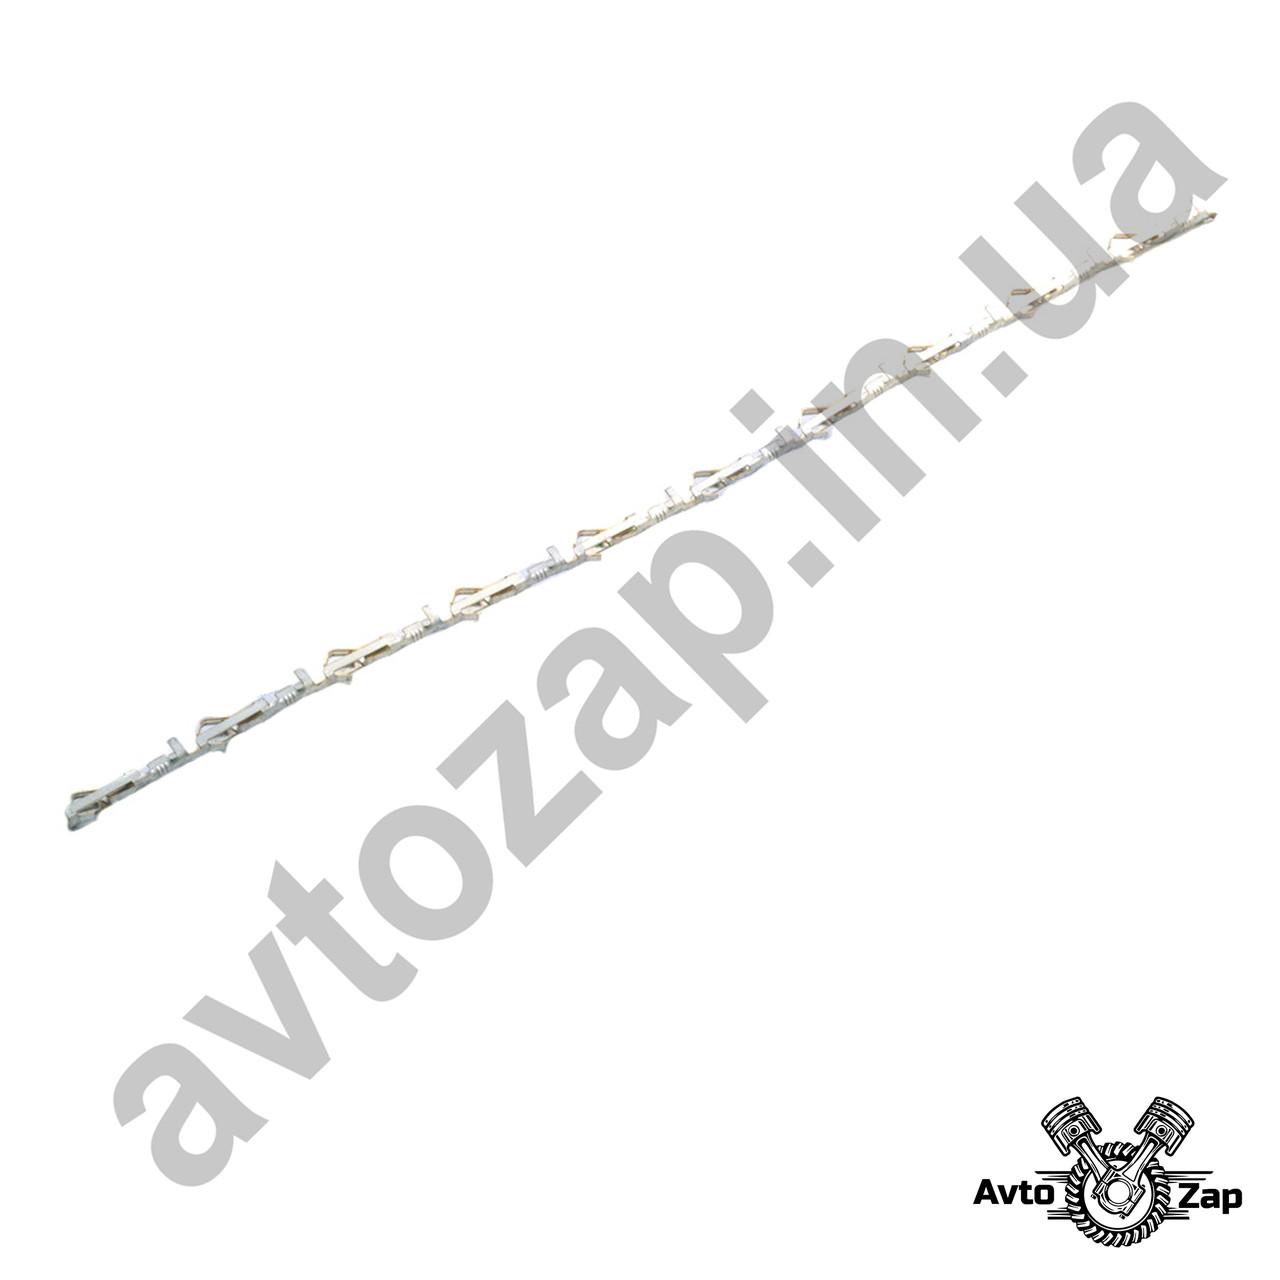 Контакт к задним фонарям ВАЗ 2107 штыревой .   20610